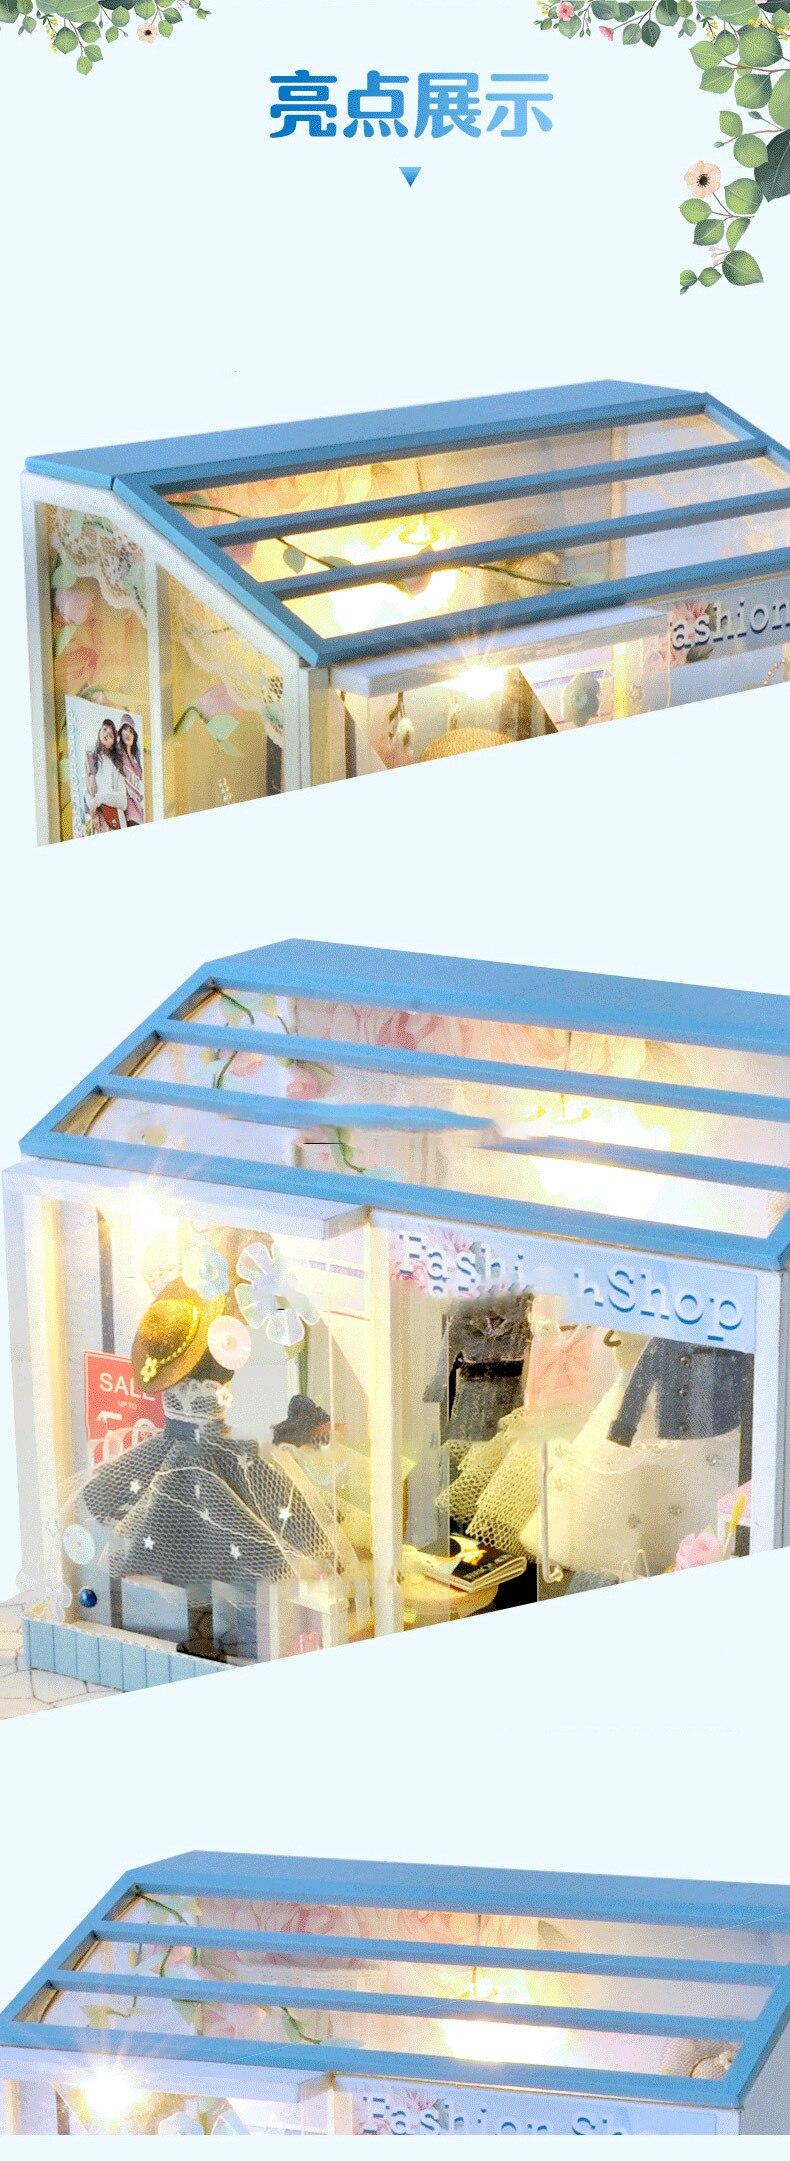 H307348205b084b0d92b27dfb6bae4c59I - Robotime - DIY Models, DIY Miniature Houses, 3d Wooden Puzzle